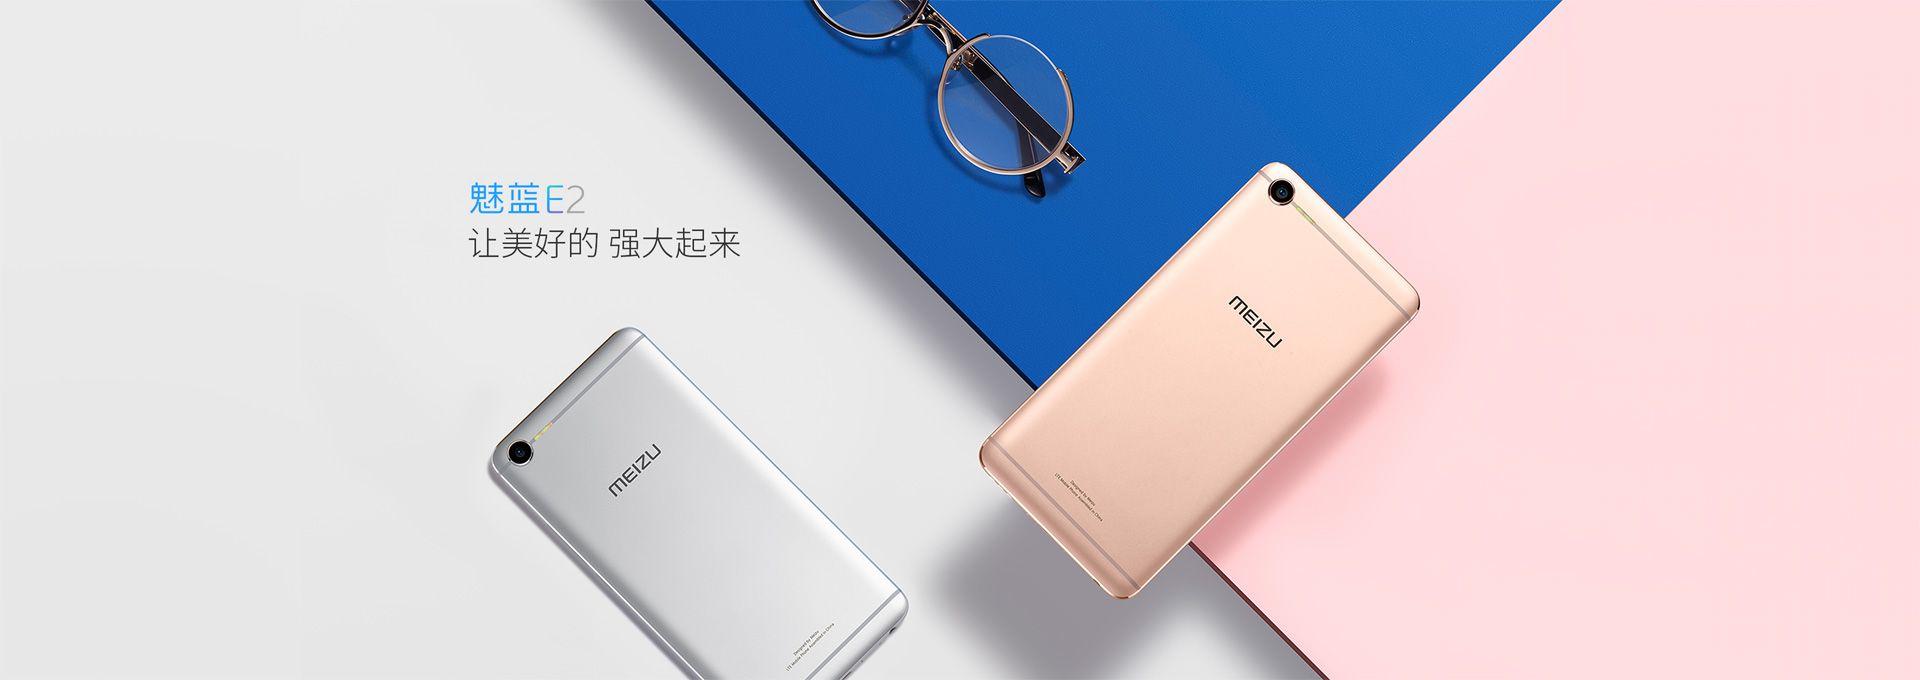 魅藍E2(Meizu M2 E)は魅藍E(Meizu M3E)から何が変わった?スペックで比較